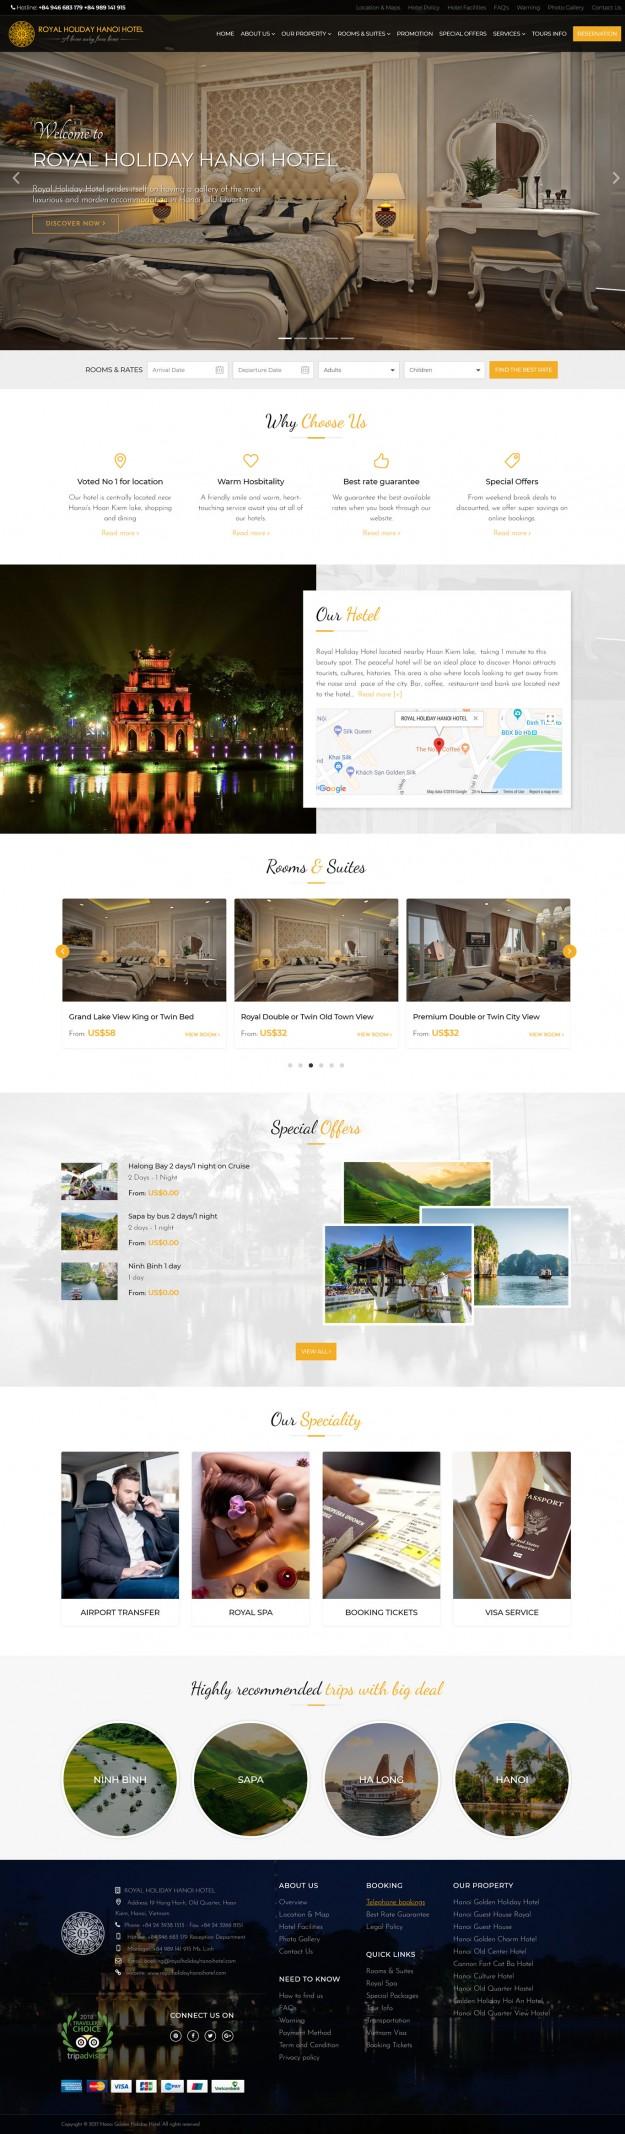 Thiết kế website khách sạn ROYAL HOLIDAY HANOI HOTEL